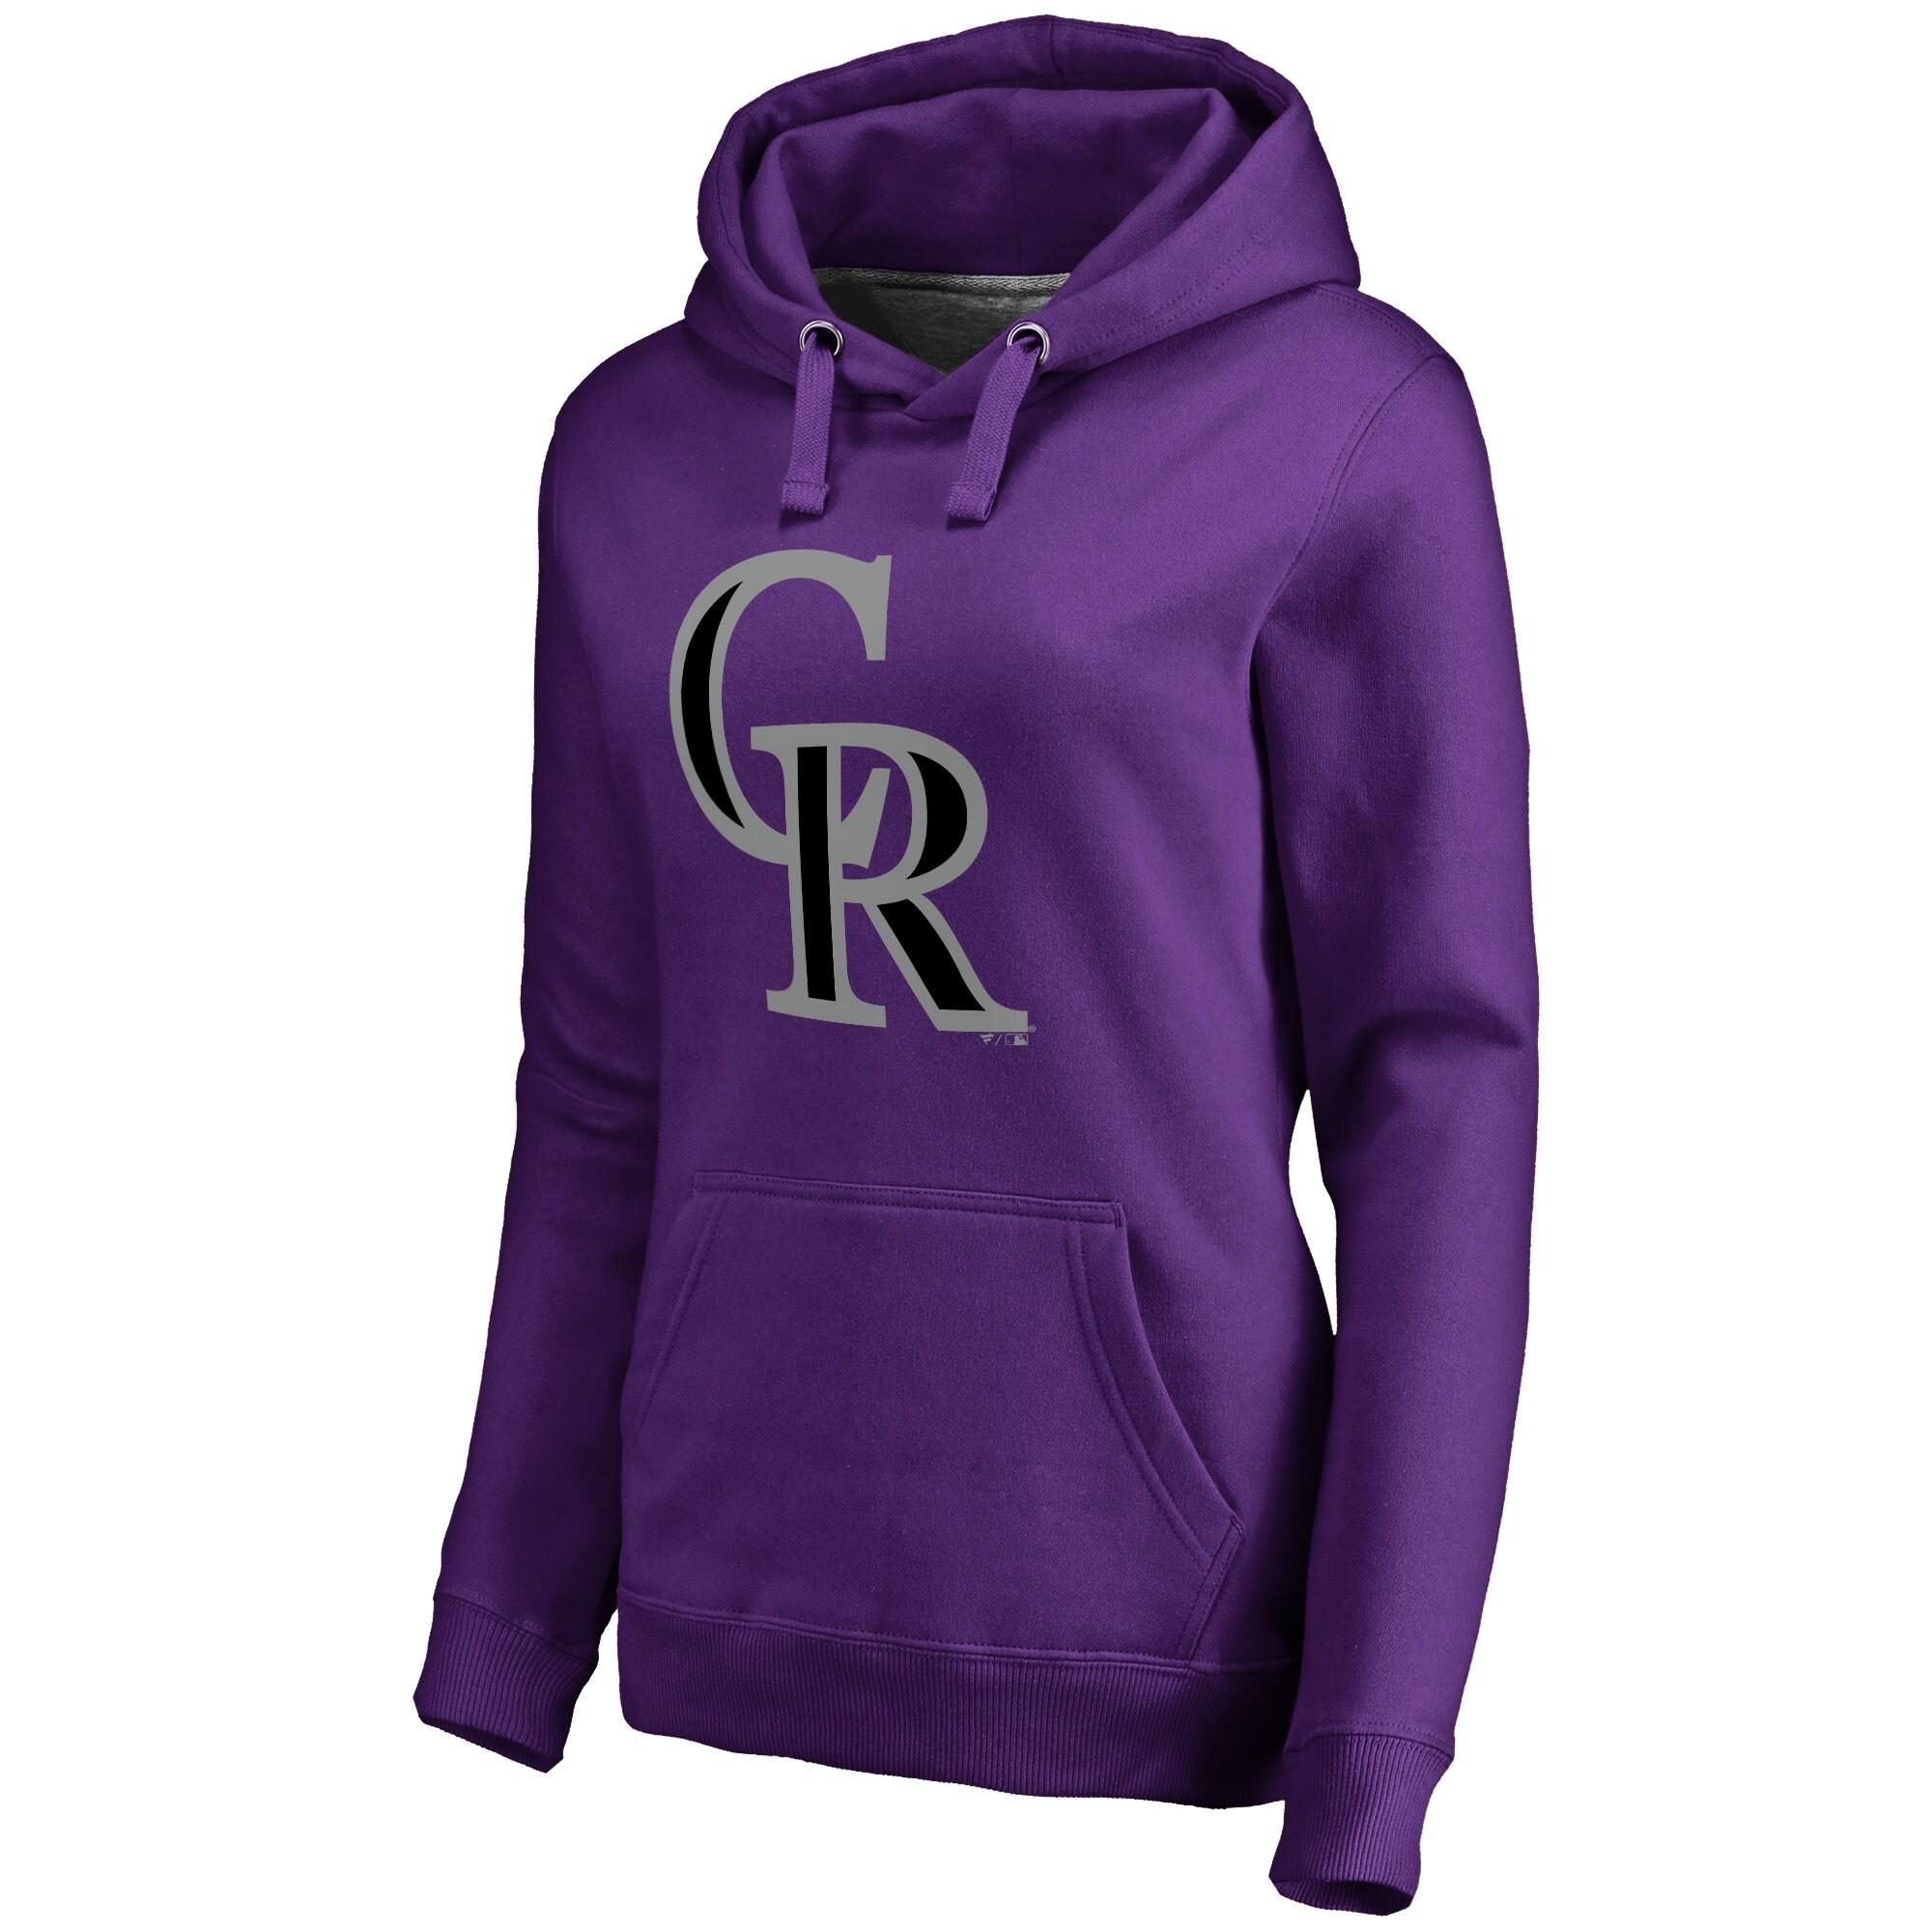 Colorado Rockies Women's Secondary Color Primary Logo Pullover Hoodie - Purple